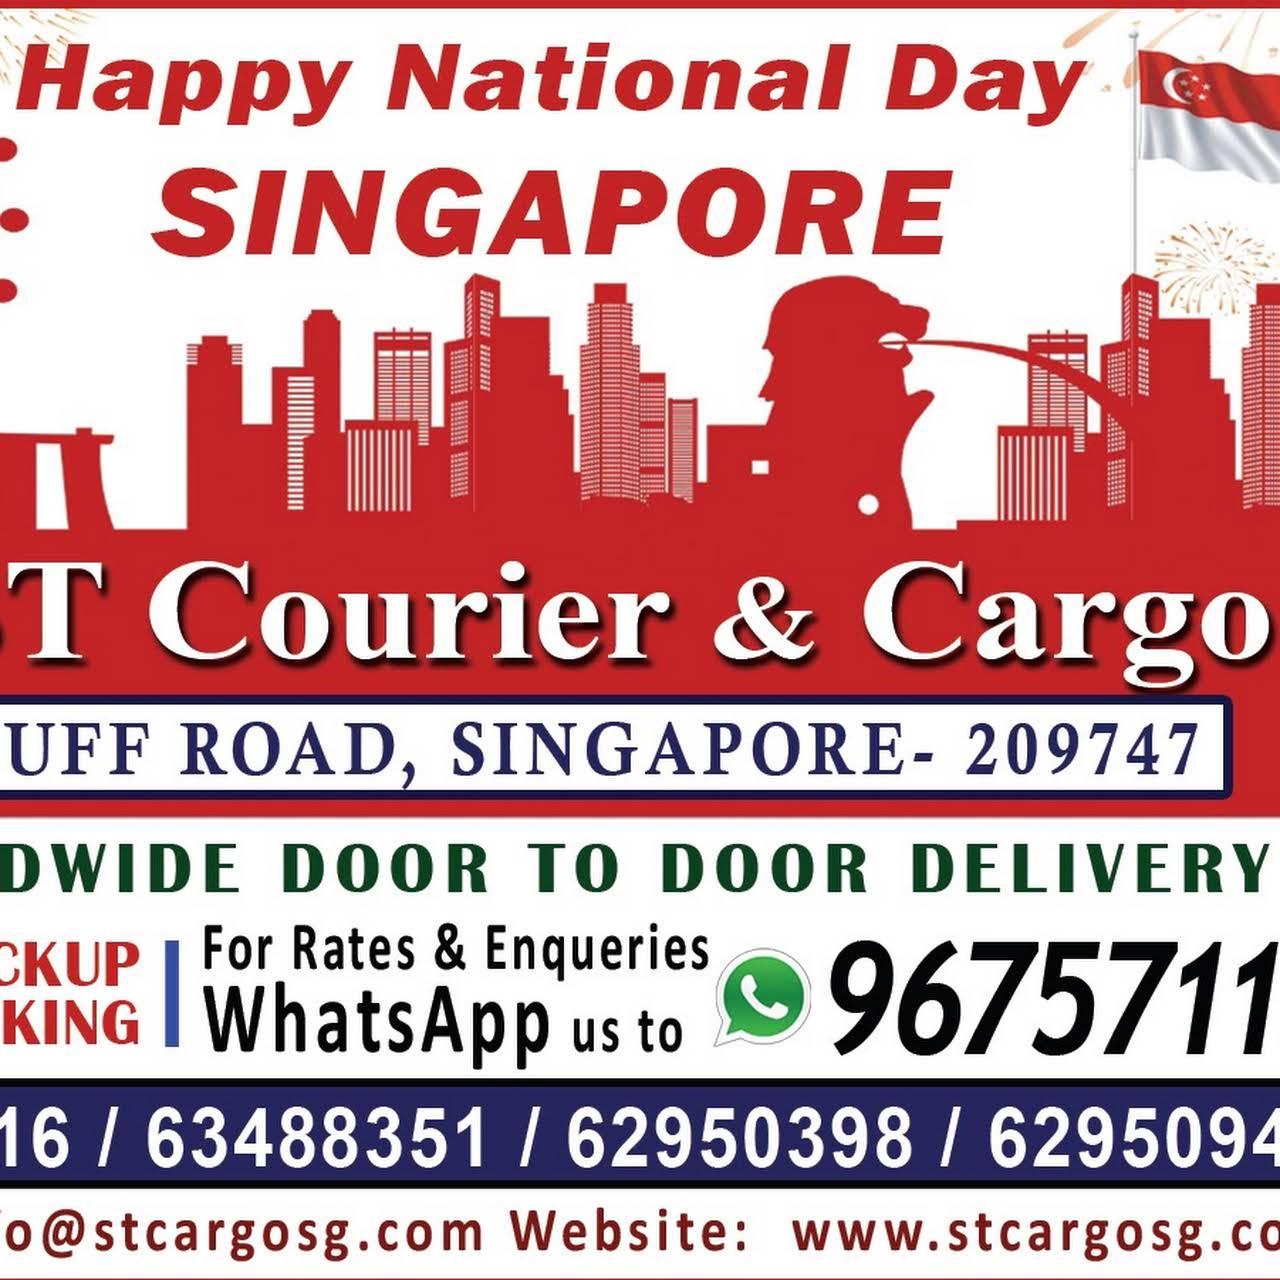 S T  Cargo Agencies Pte  Ltd  - WORLDWIDE DOOR TO DOOR CARGO